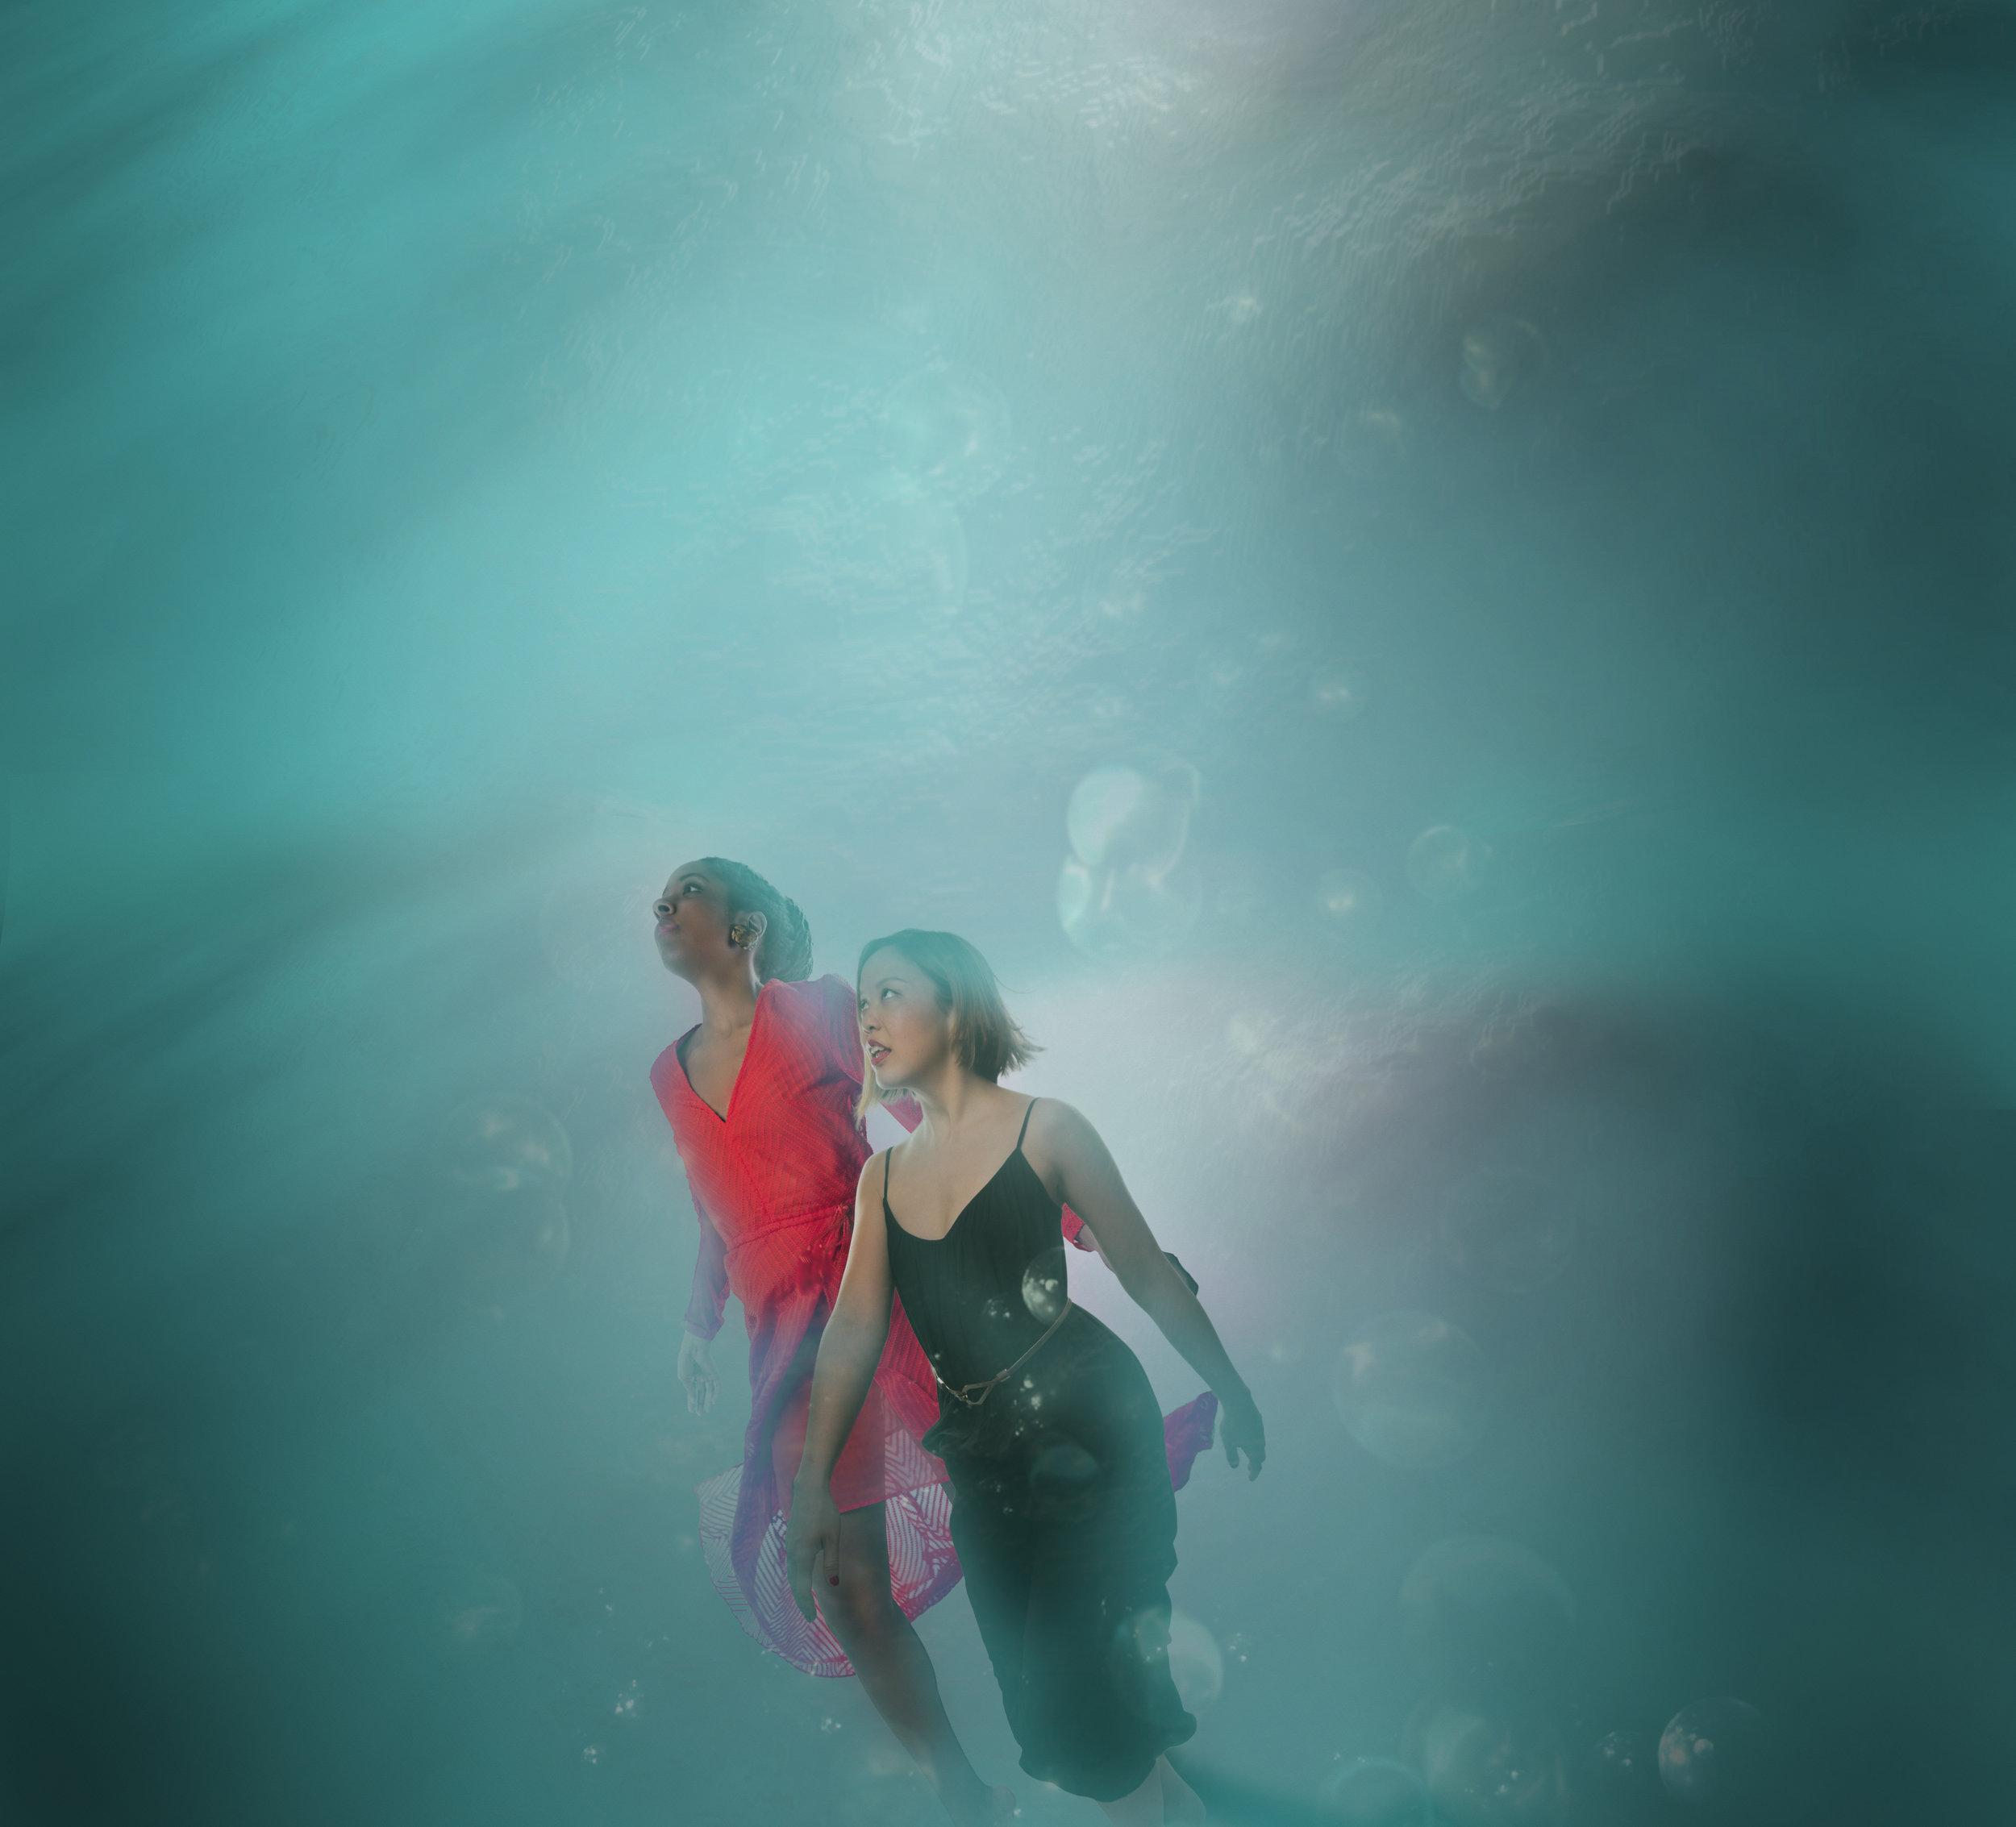 underwater-water1.jpg